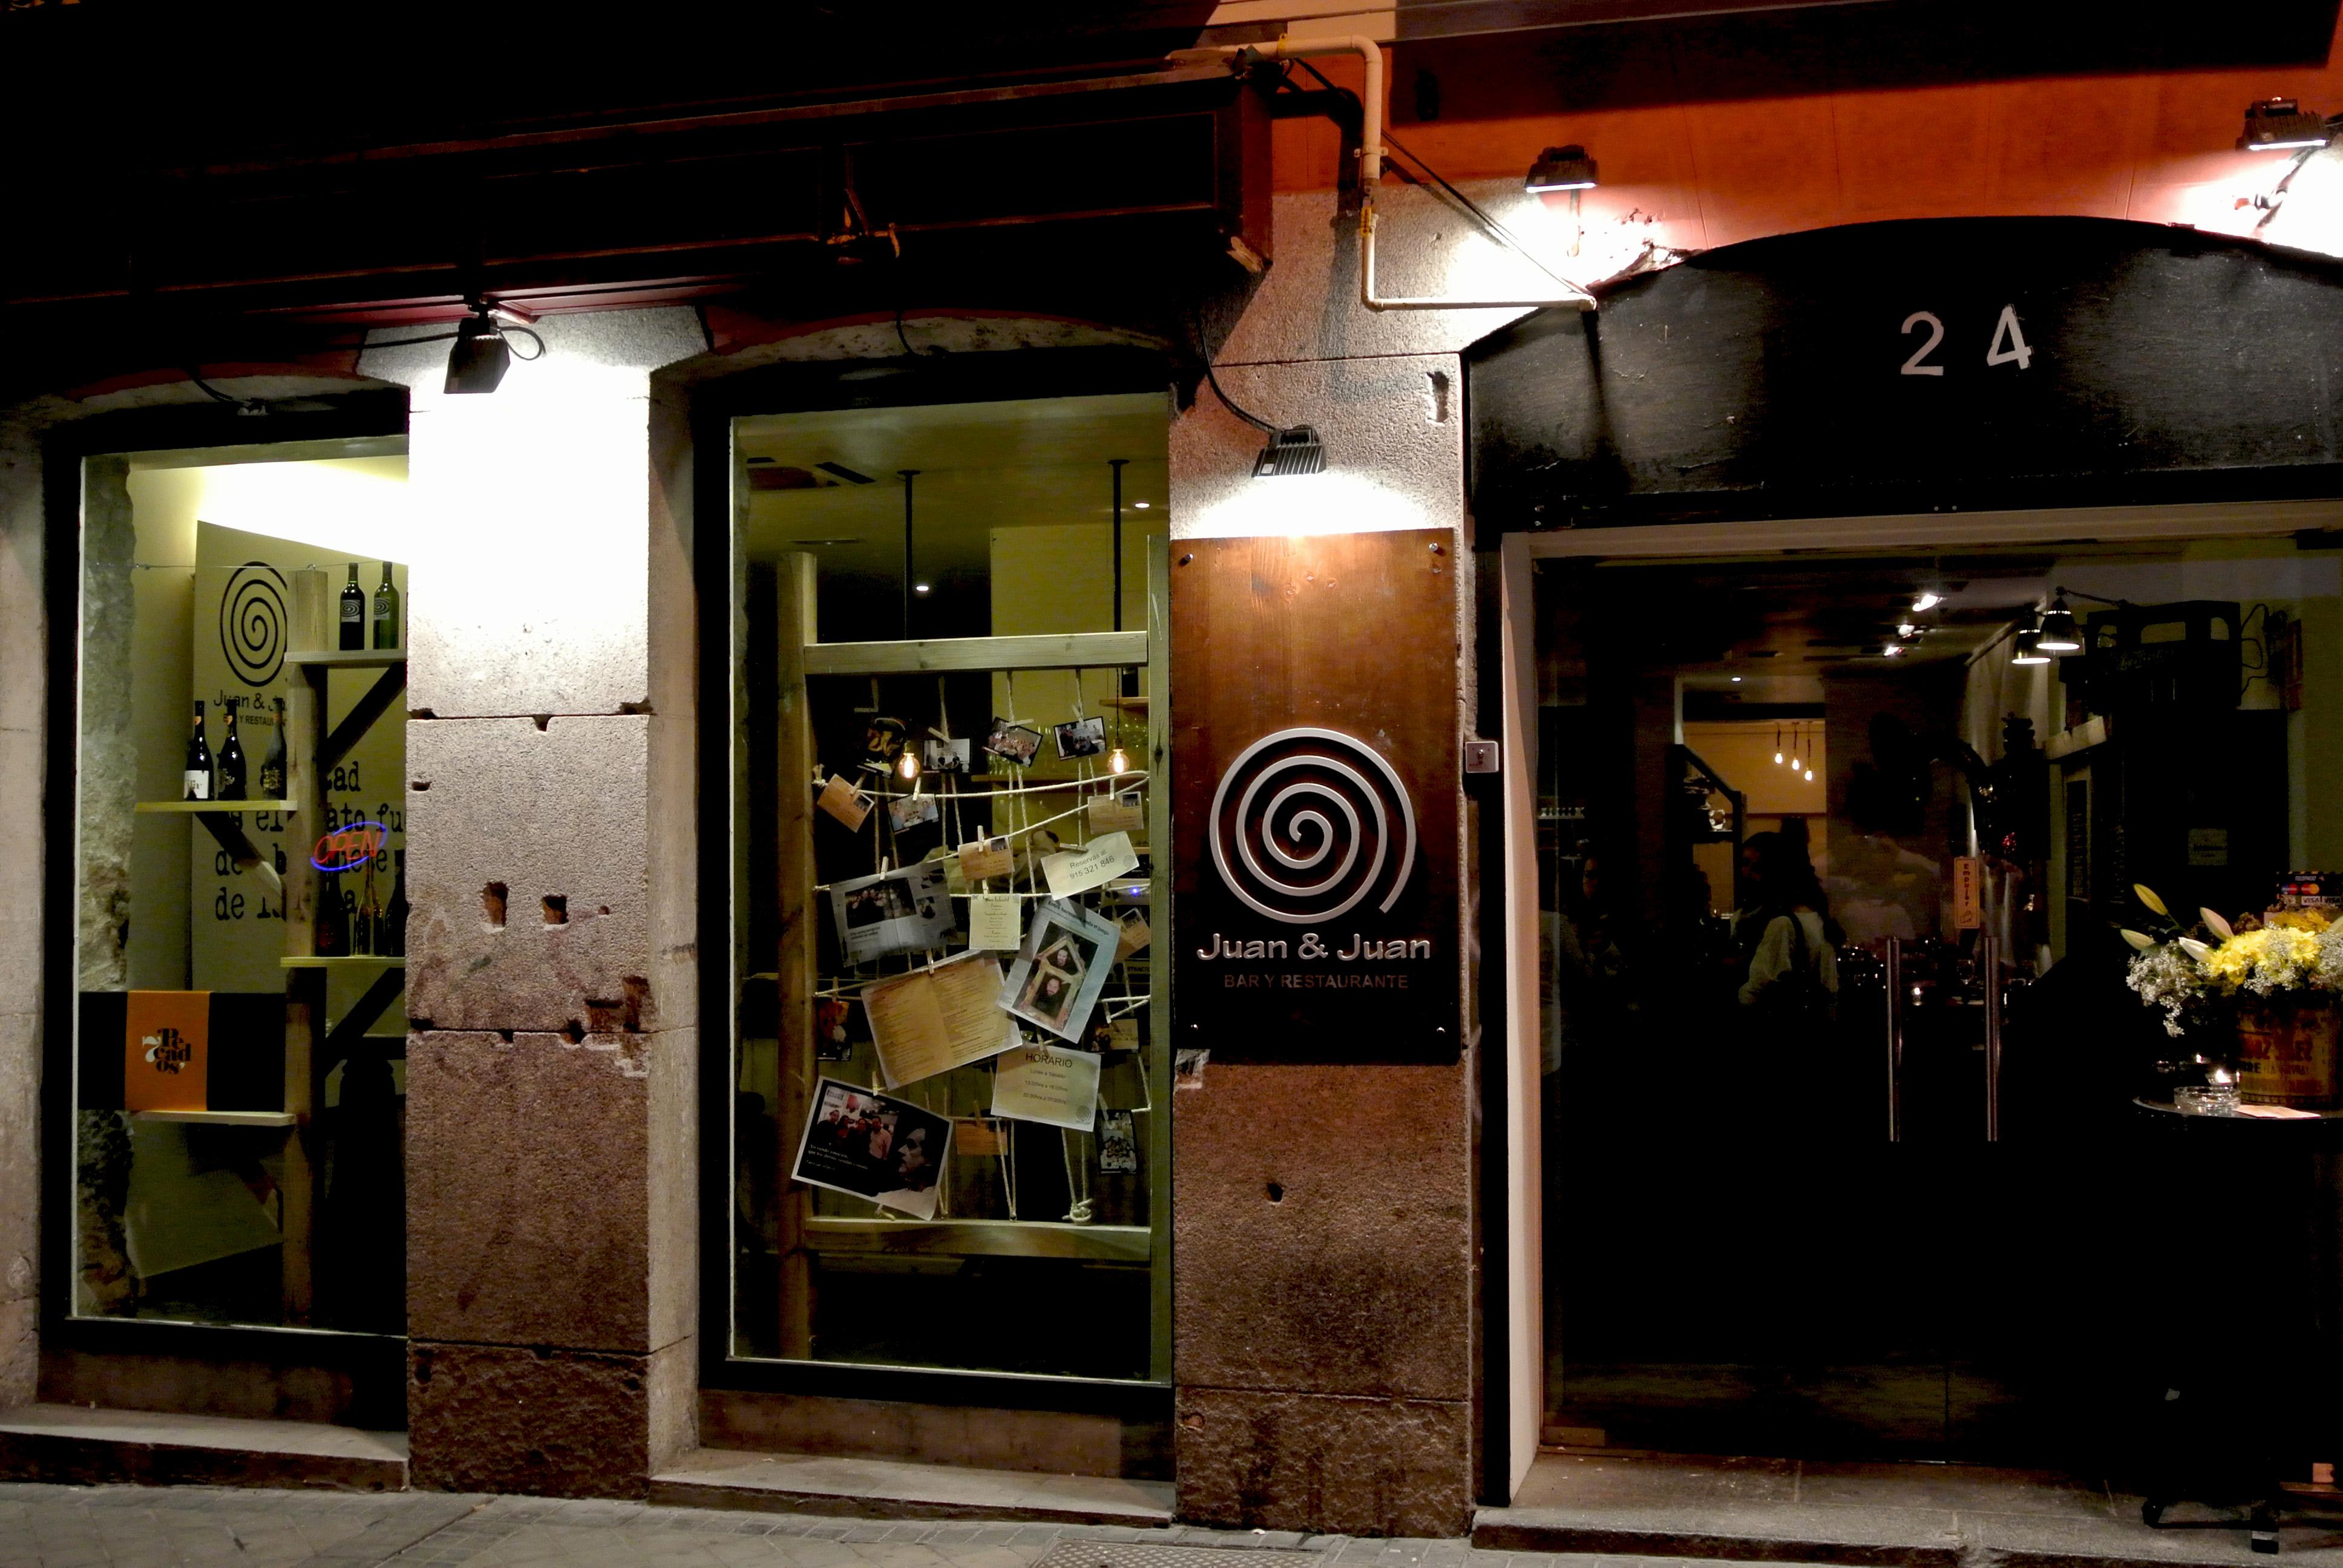 Juan & Juan Fachada Restaurante Madrid